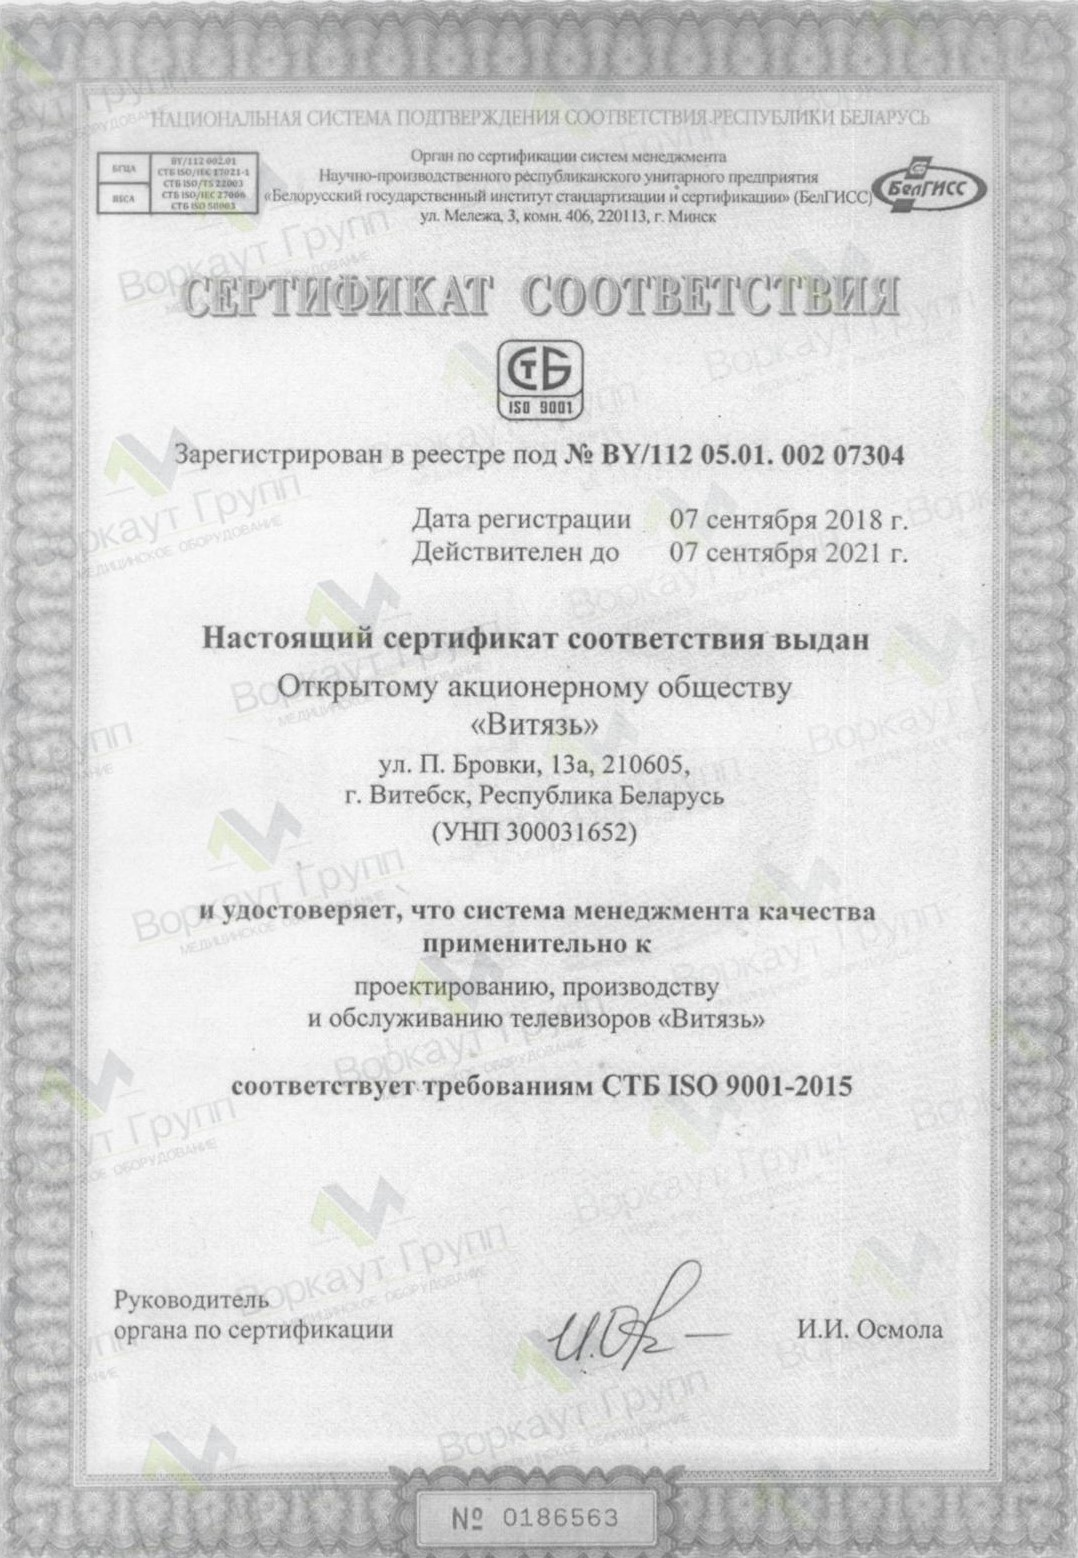 Сертификат соответствия Витязь